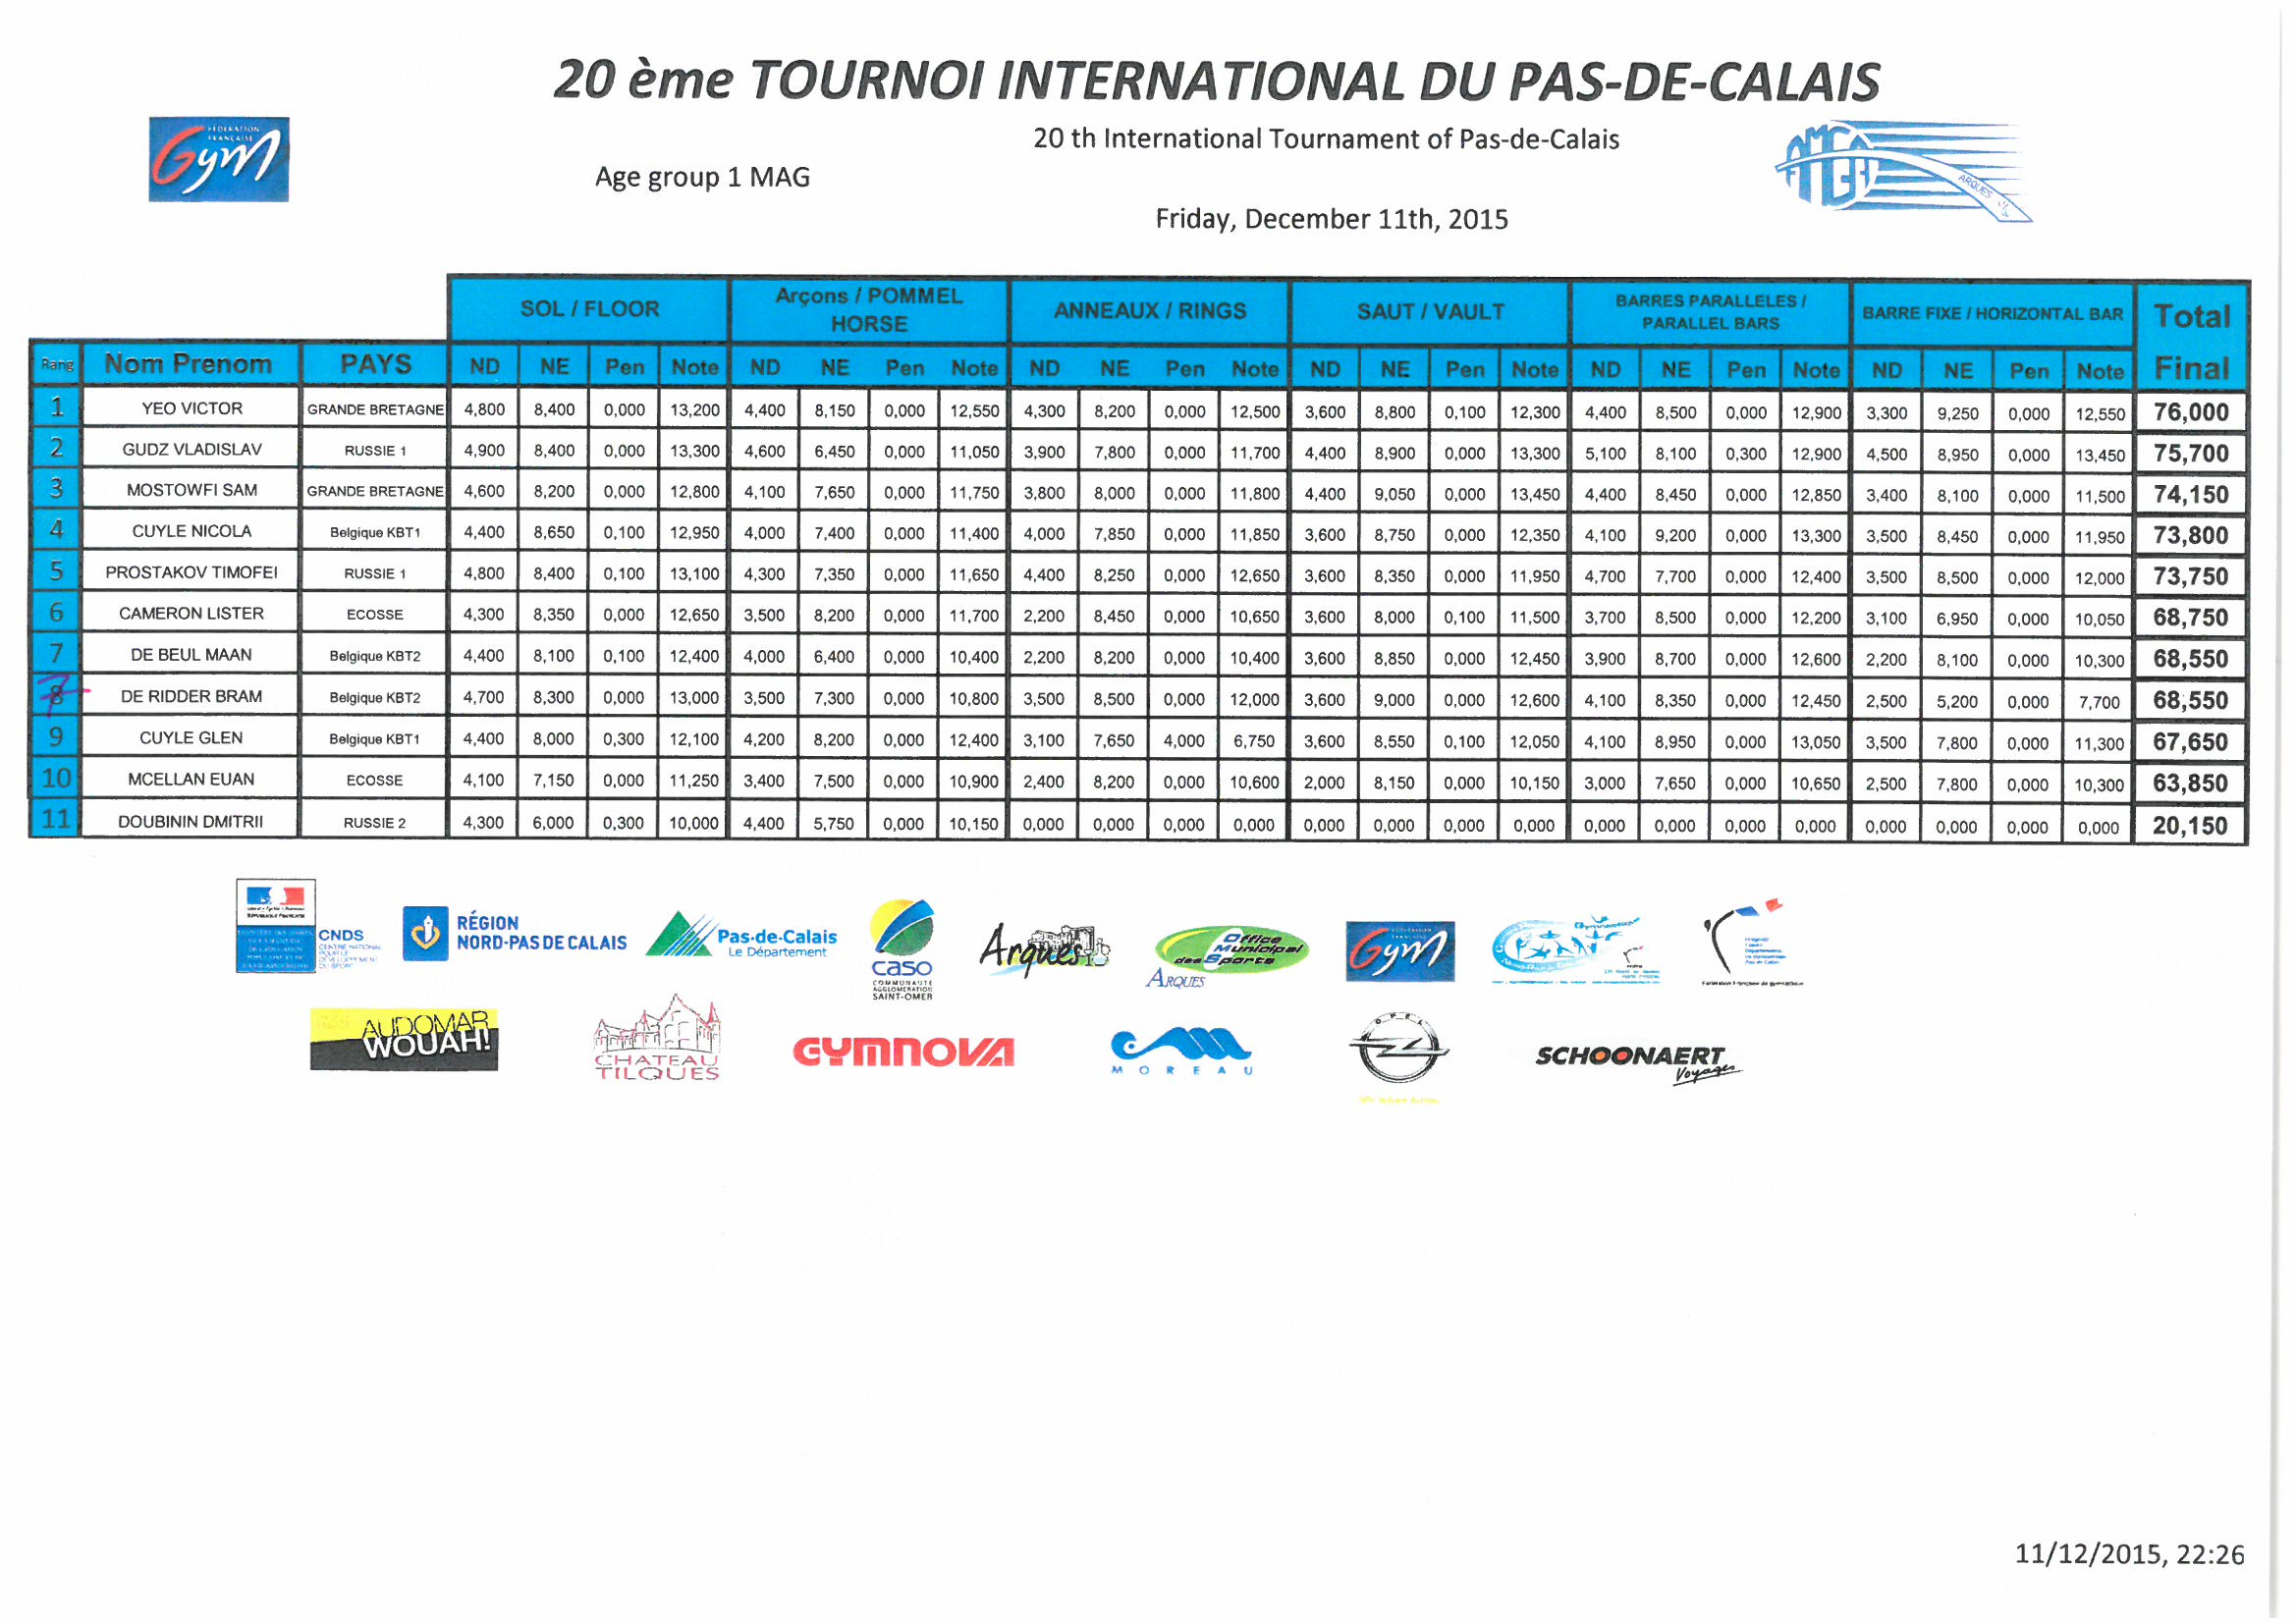 Résultats MAG AG1 Concours général Vendredi 11 décembre 2015